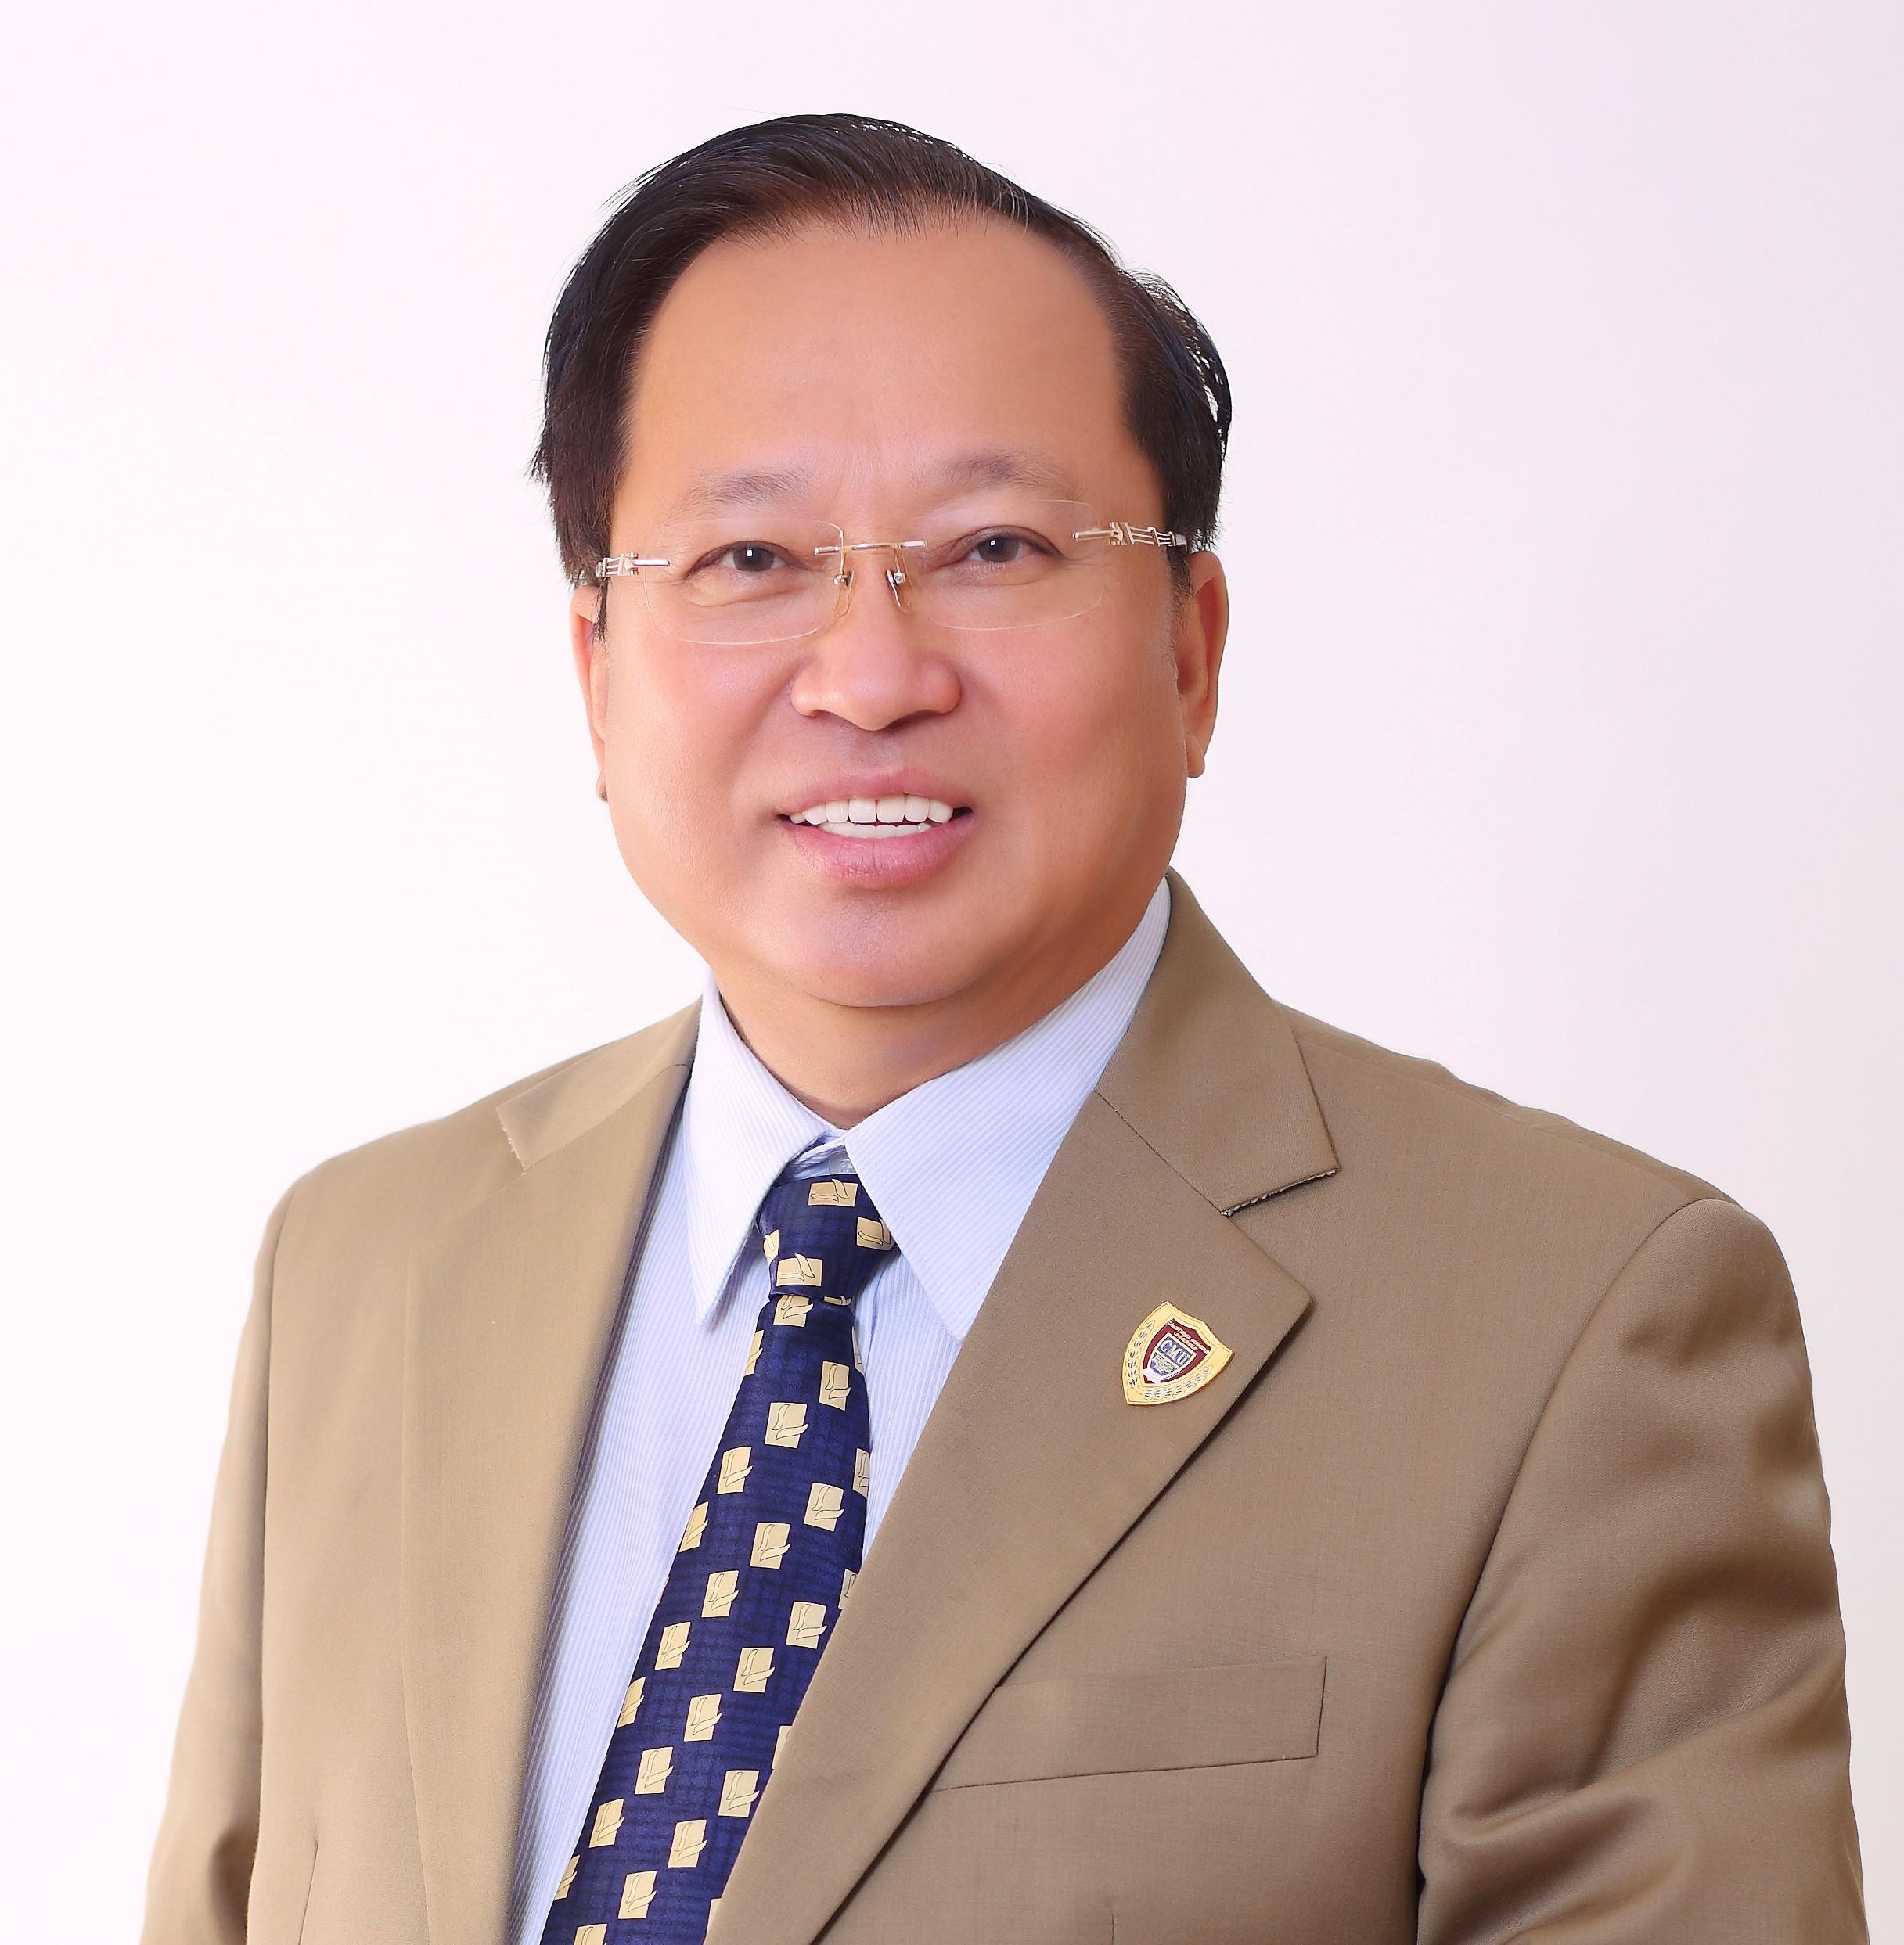 科学游戏公司高级顾问Vinh照片